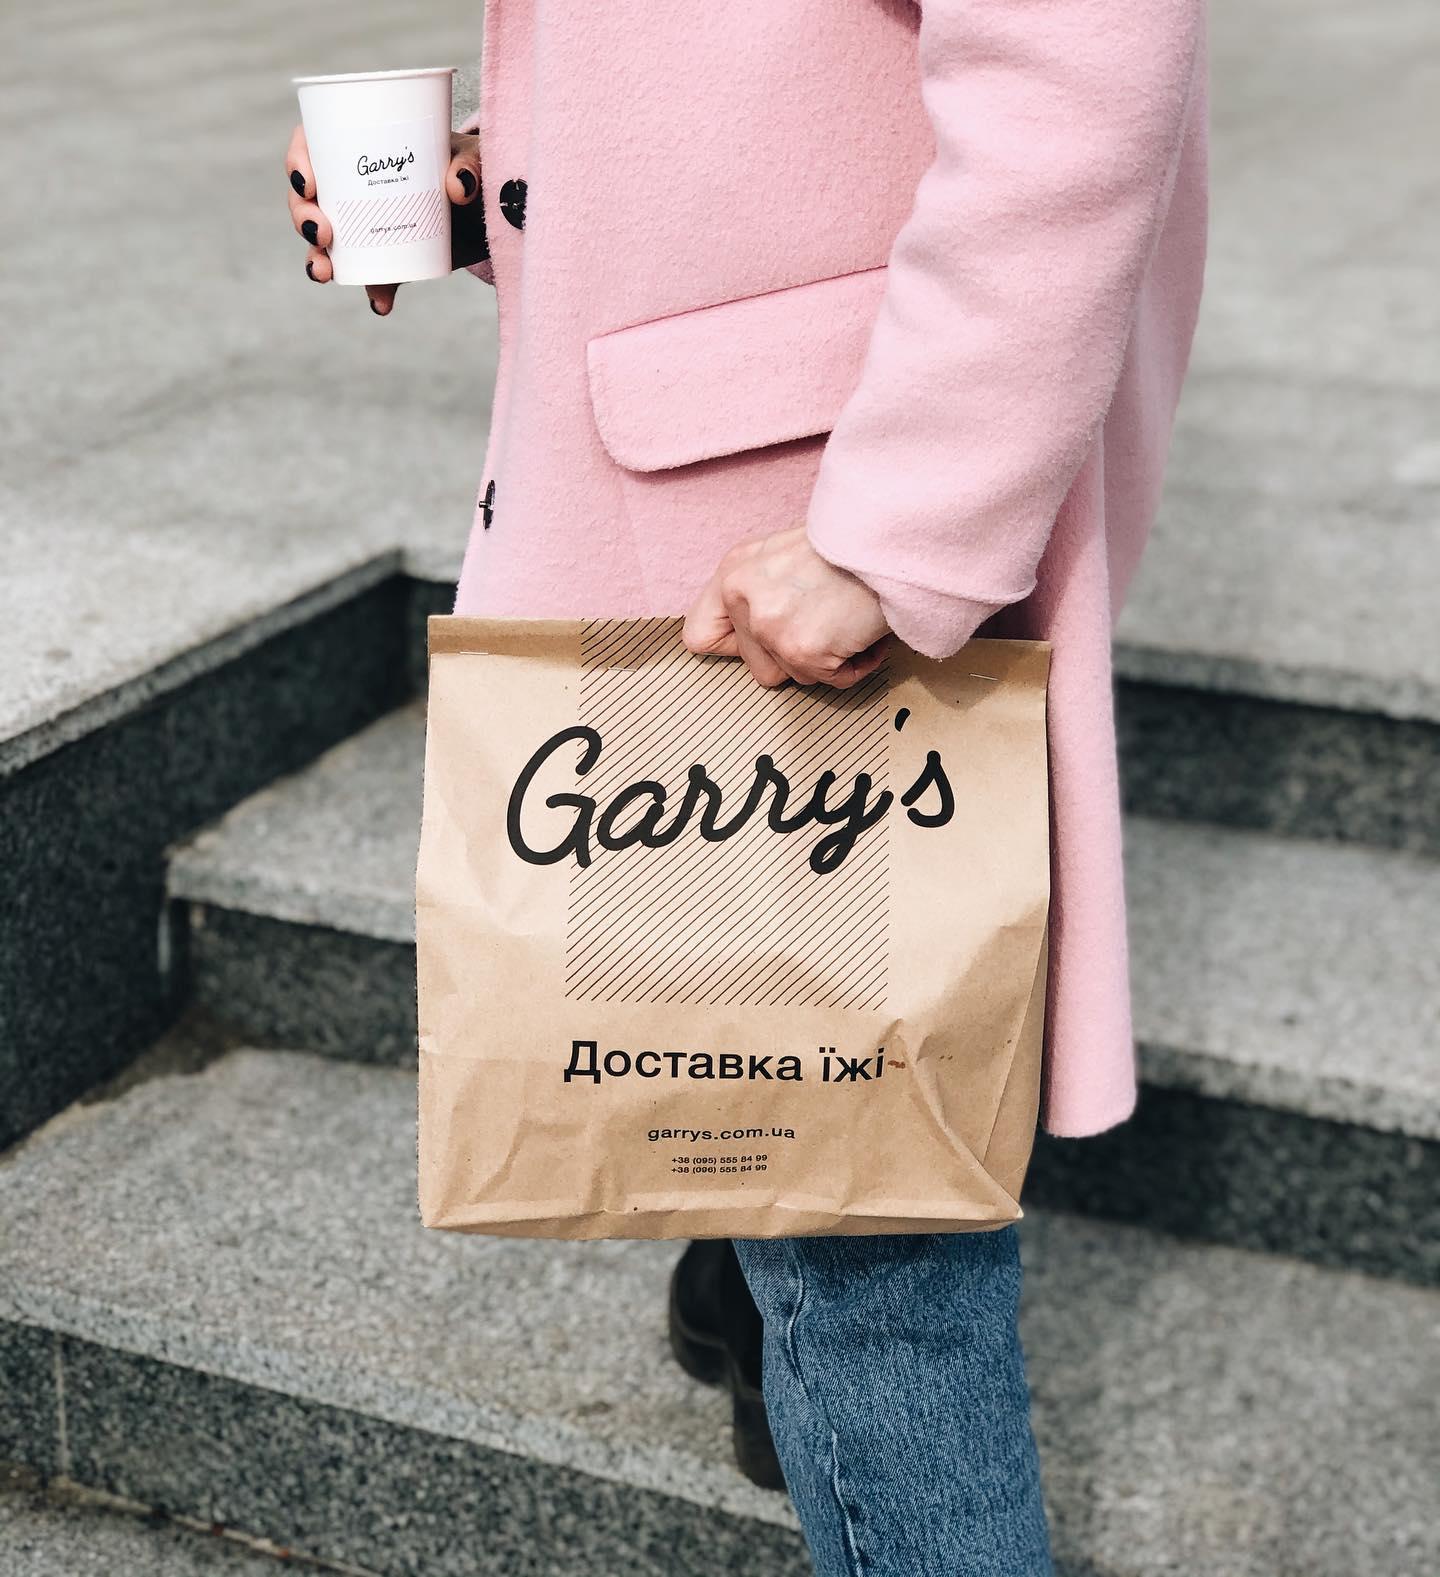 Garry's